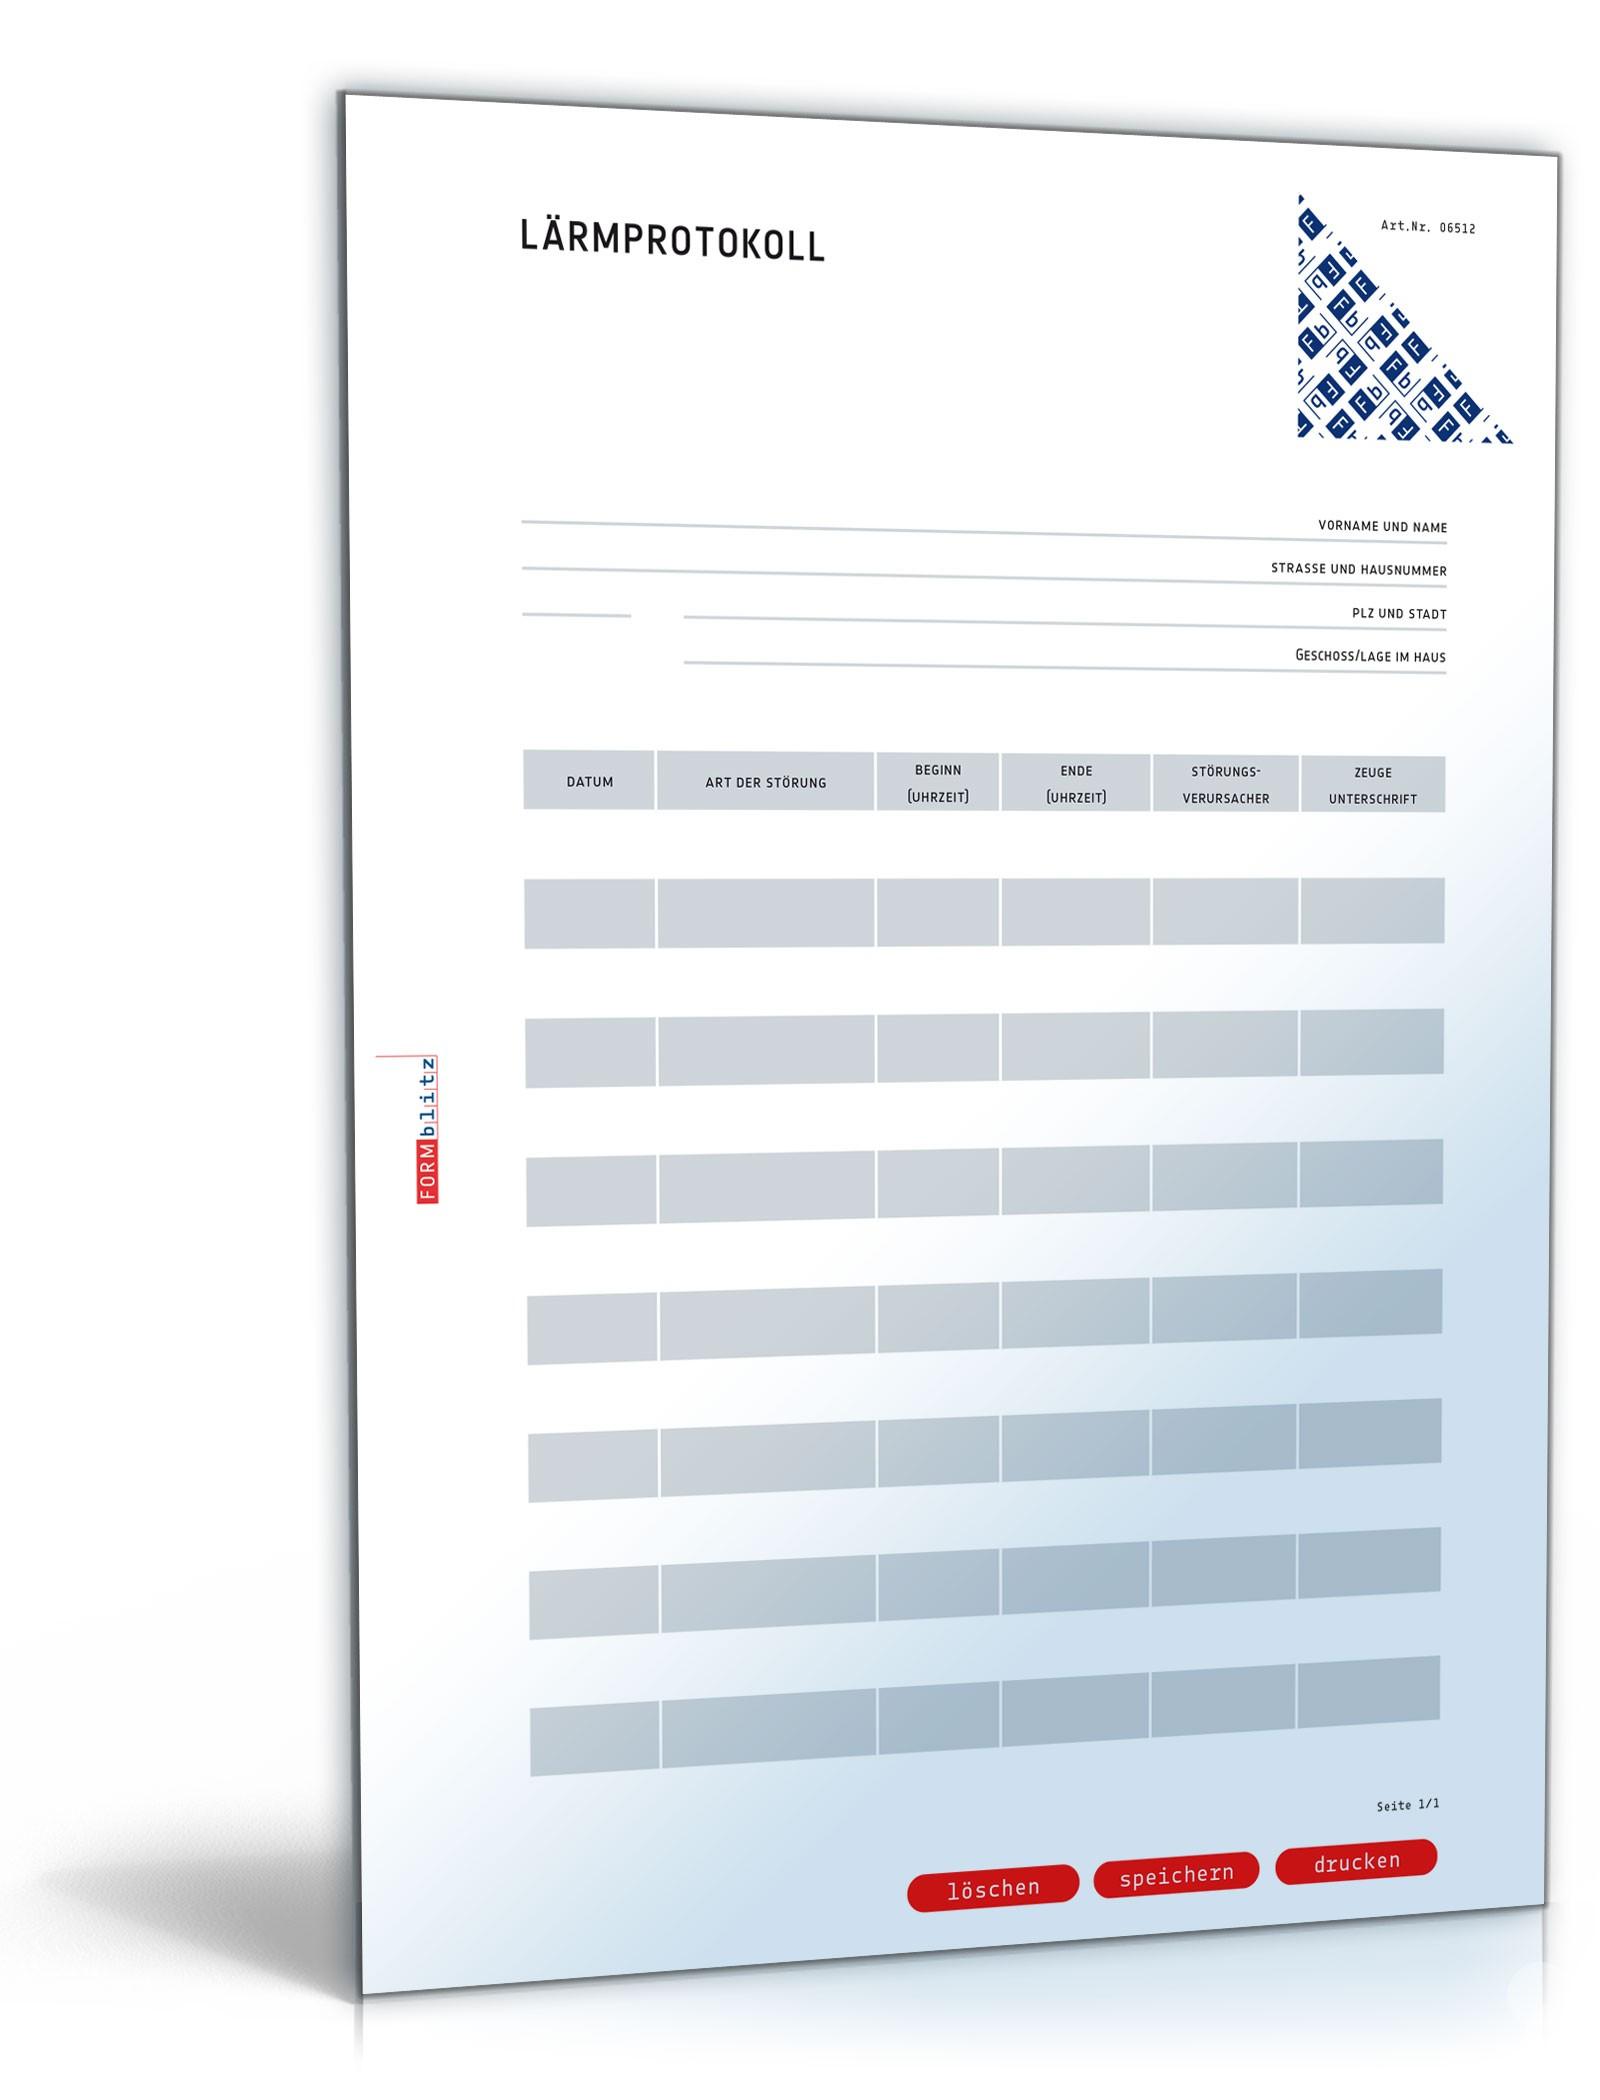 Musterbriefe Lärmbelästigung : Lärmprotokoll muster vorlage zum download